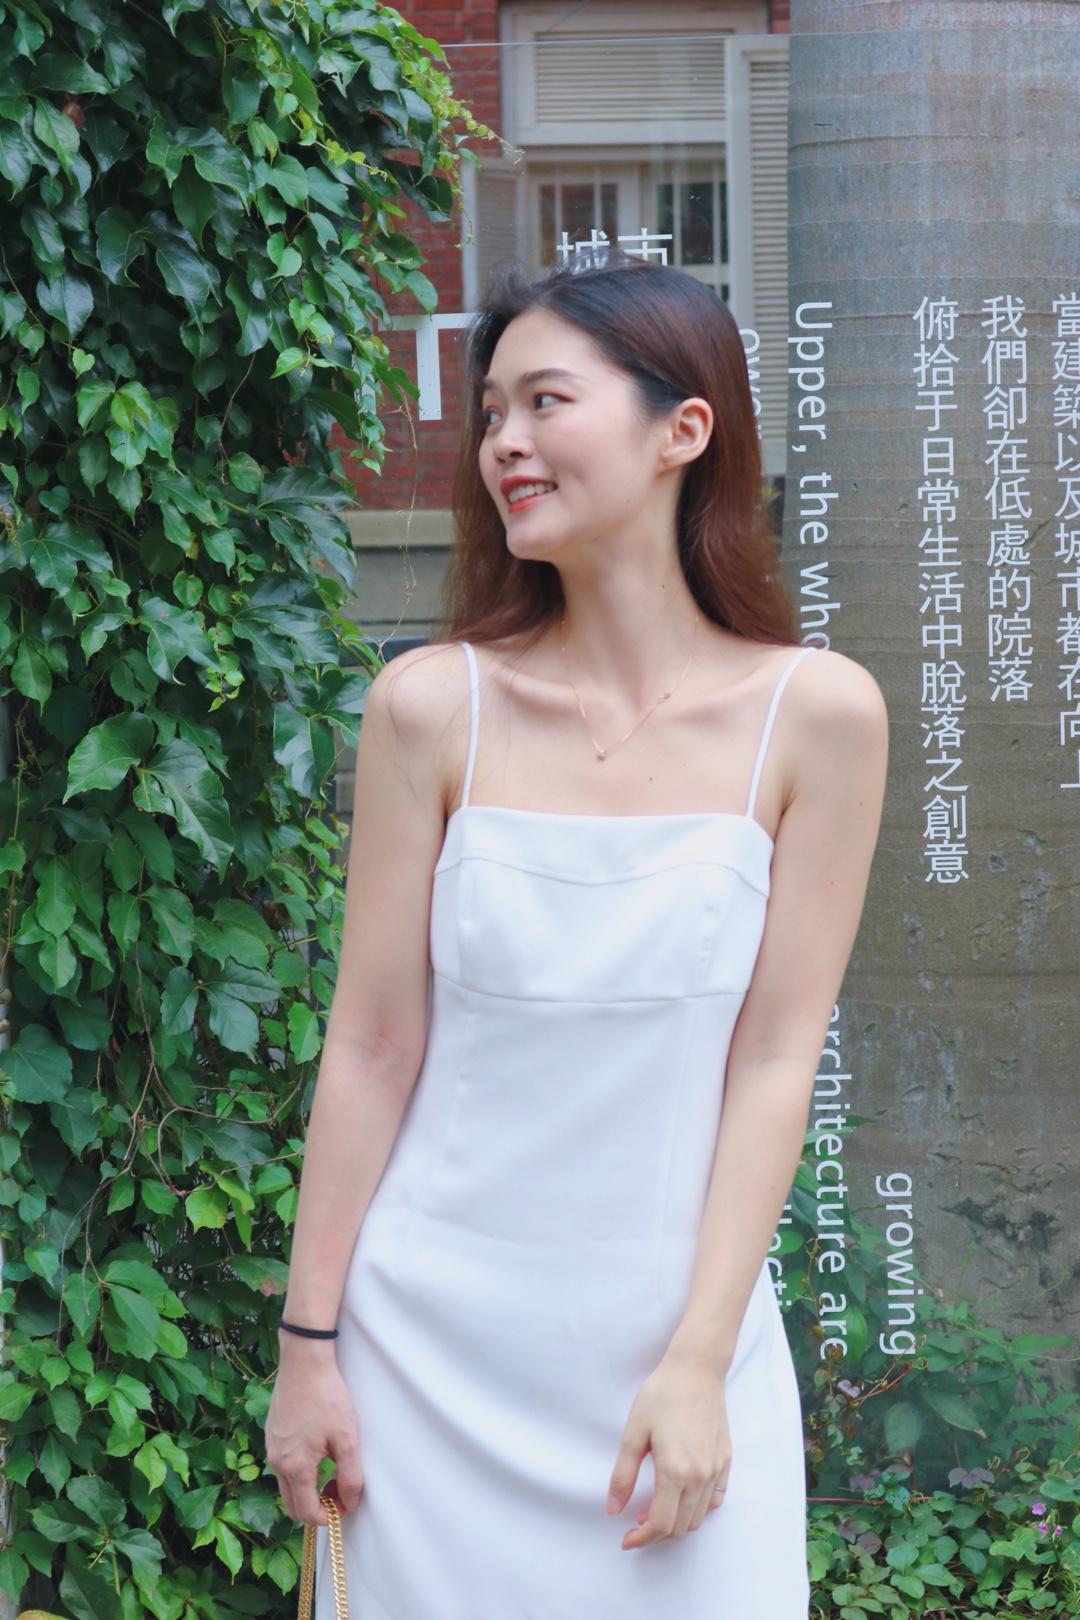 极简吊带裙真的别提多好看,一件版型优秀的吊带裙真的有多么难得,从剪裁到细节都是完美的,约会逛街旅游皆可#韩系极简:清凉温柔杀#